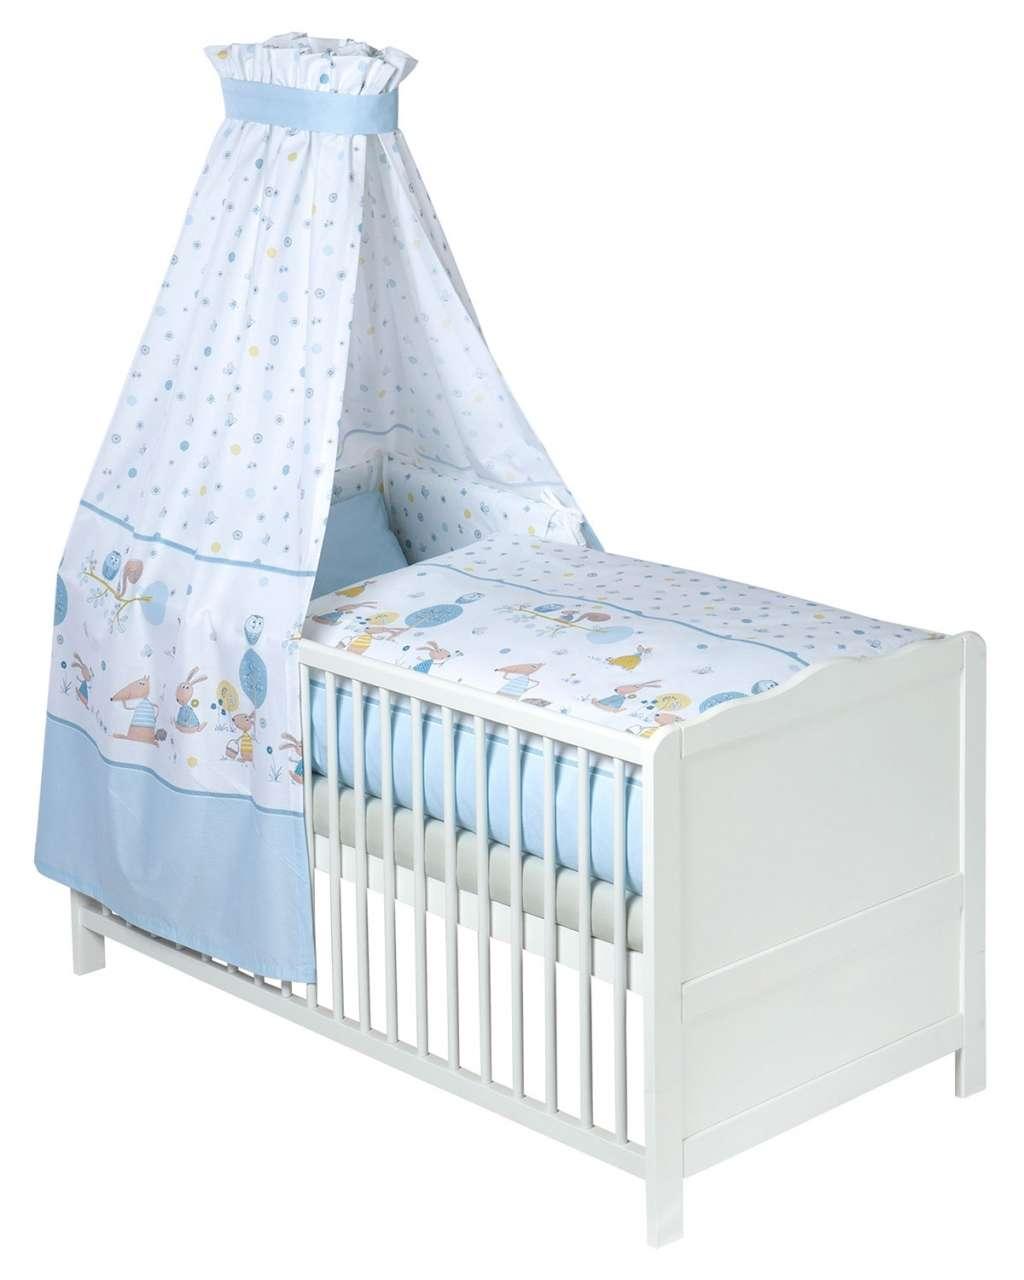 moebel-jack.de Baby-Betten-Set 3-tlg. HAPPY ANIMALS 1, 100x135 cm, Blau, mit Himmel